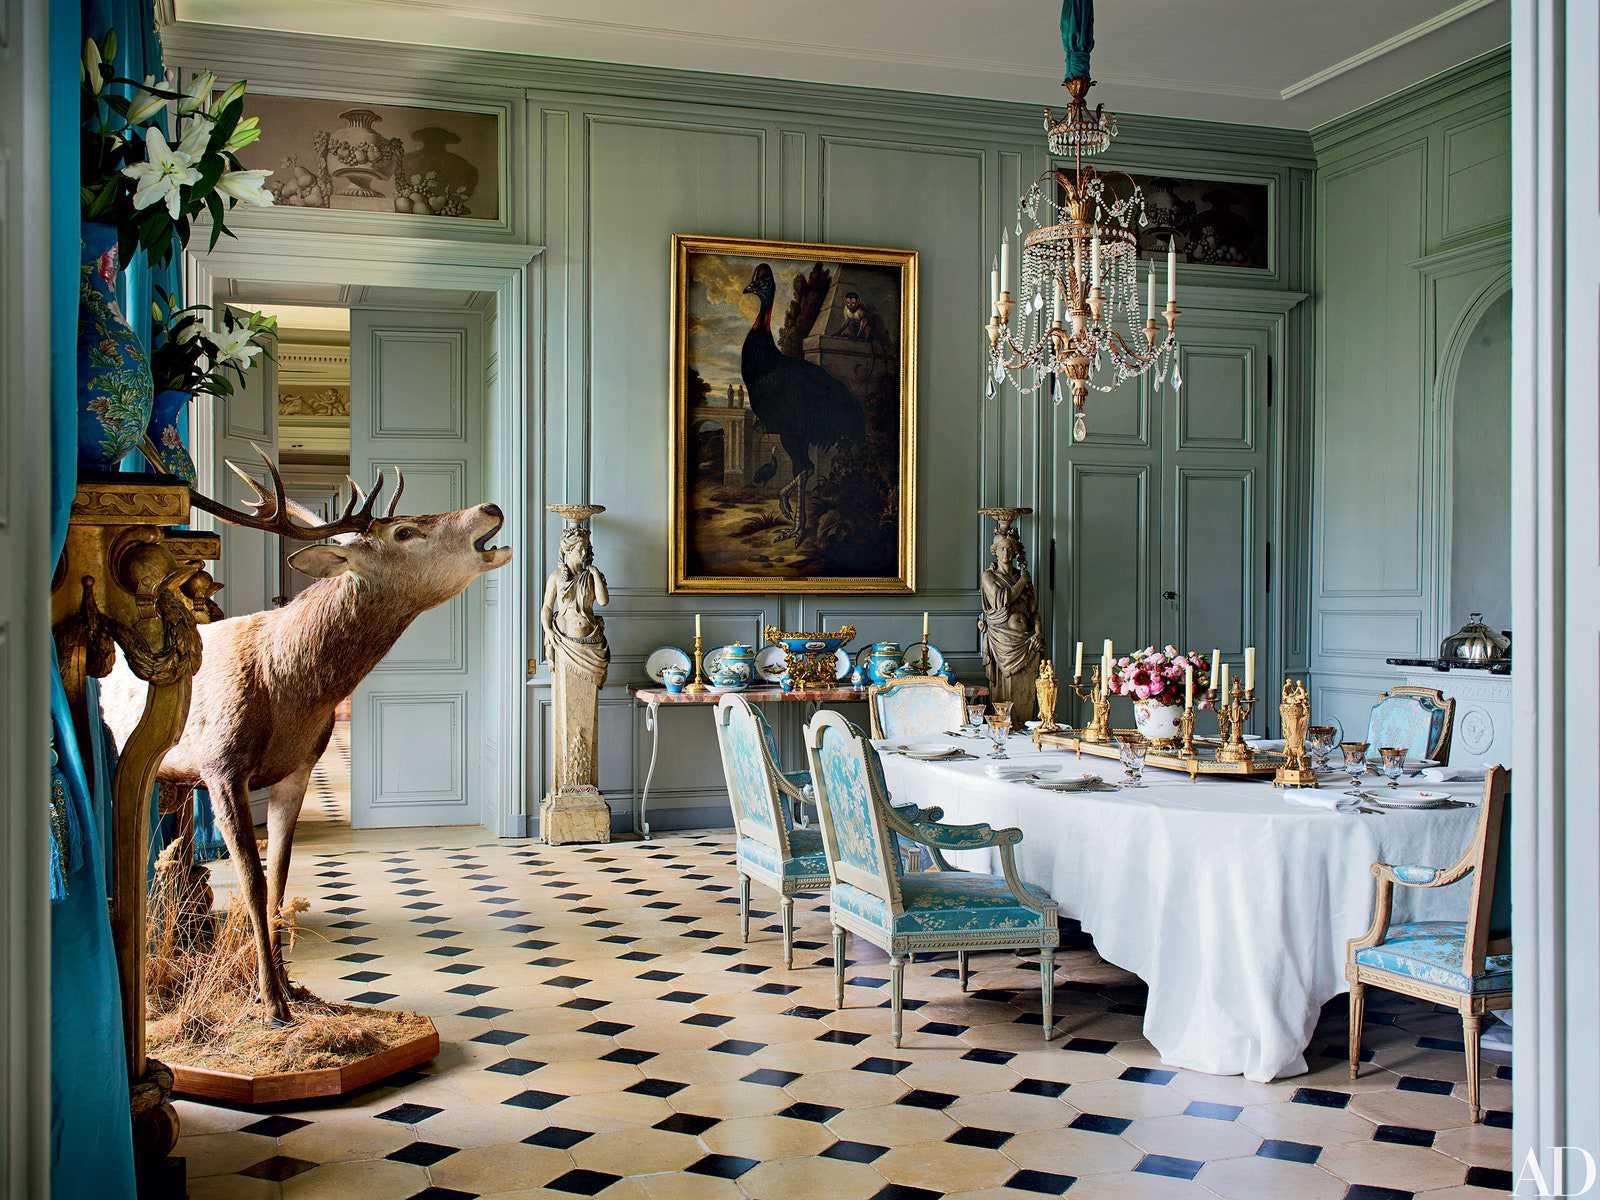 màu xanh ngọc cho phòng ăn